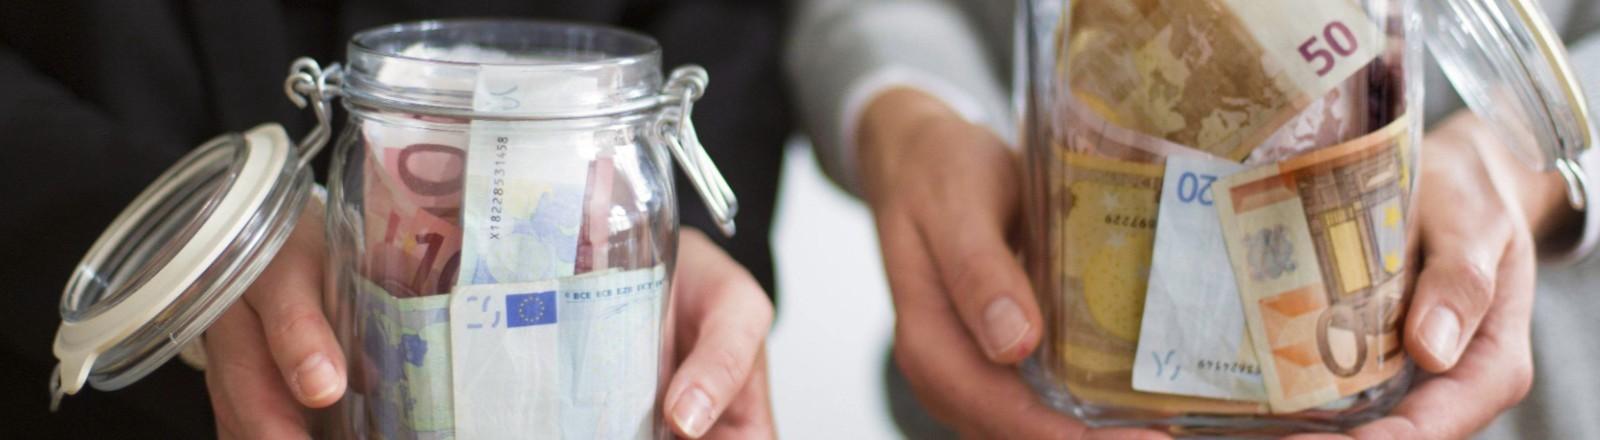 Frau und Mann halten unterschiedlich volle Gläser mit Geldscheinen in den Händen